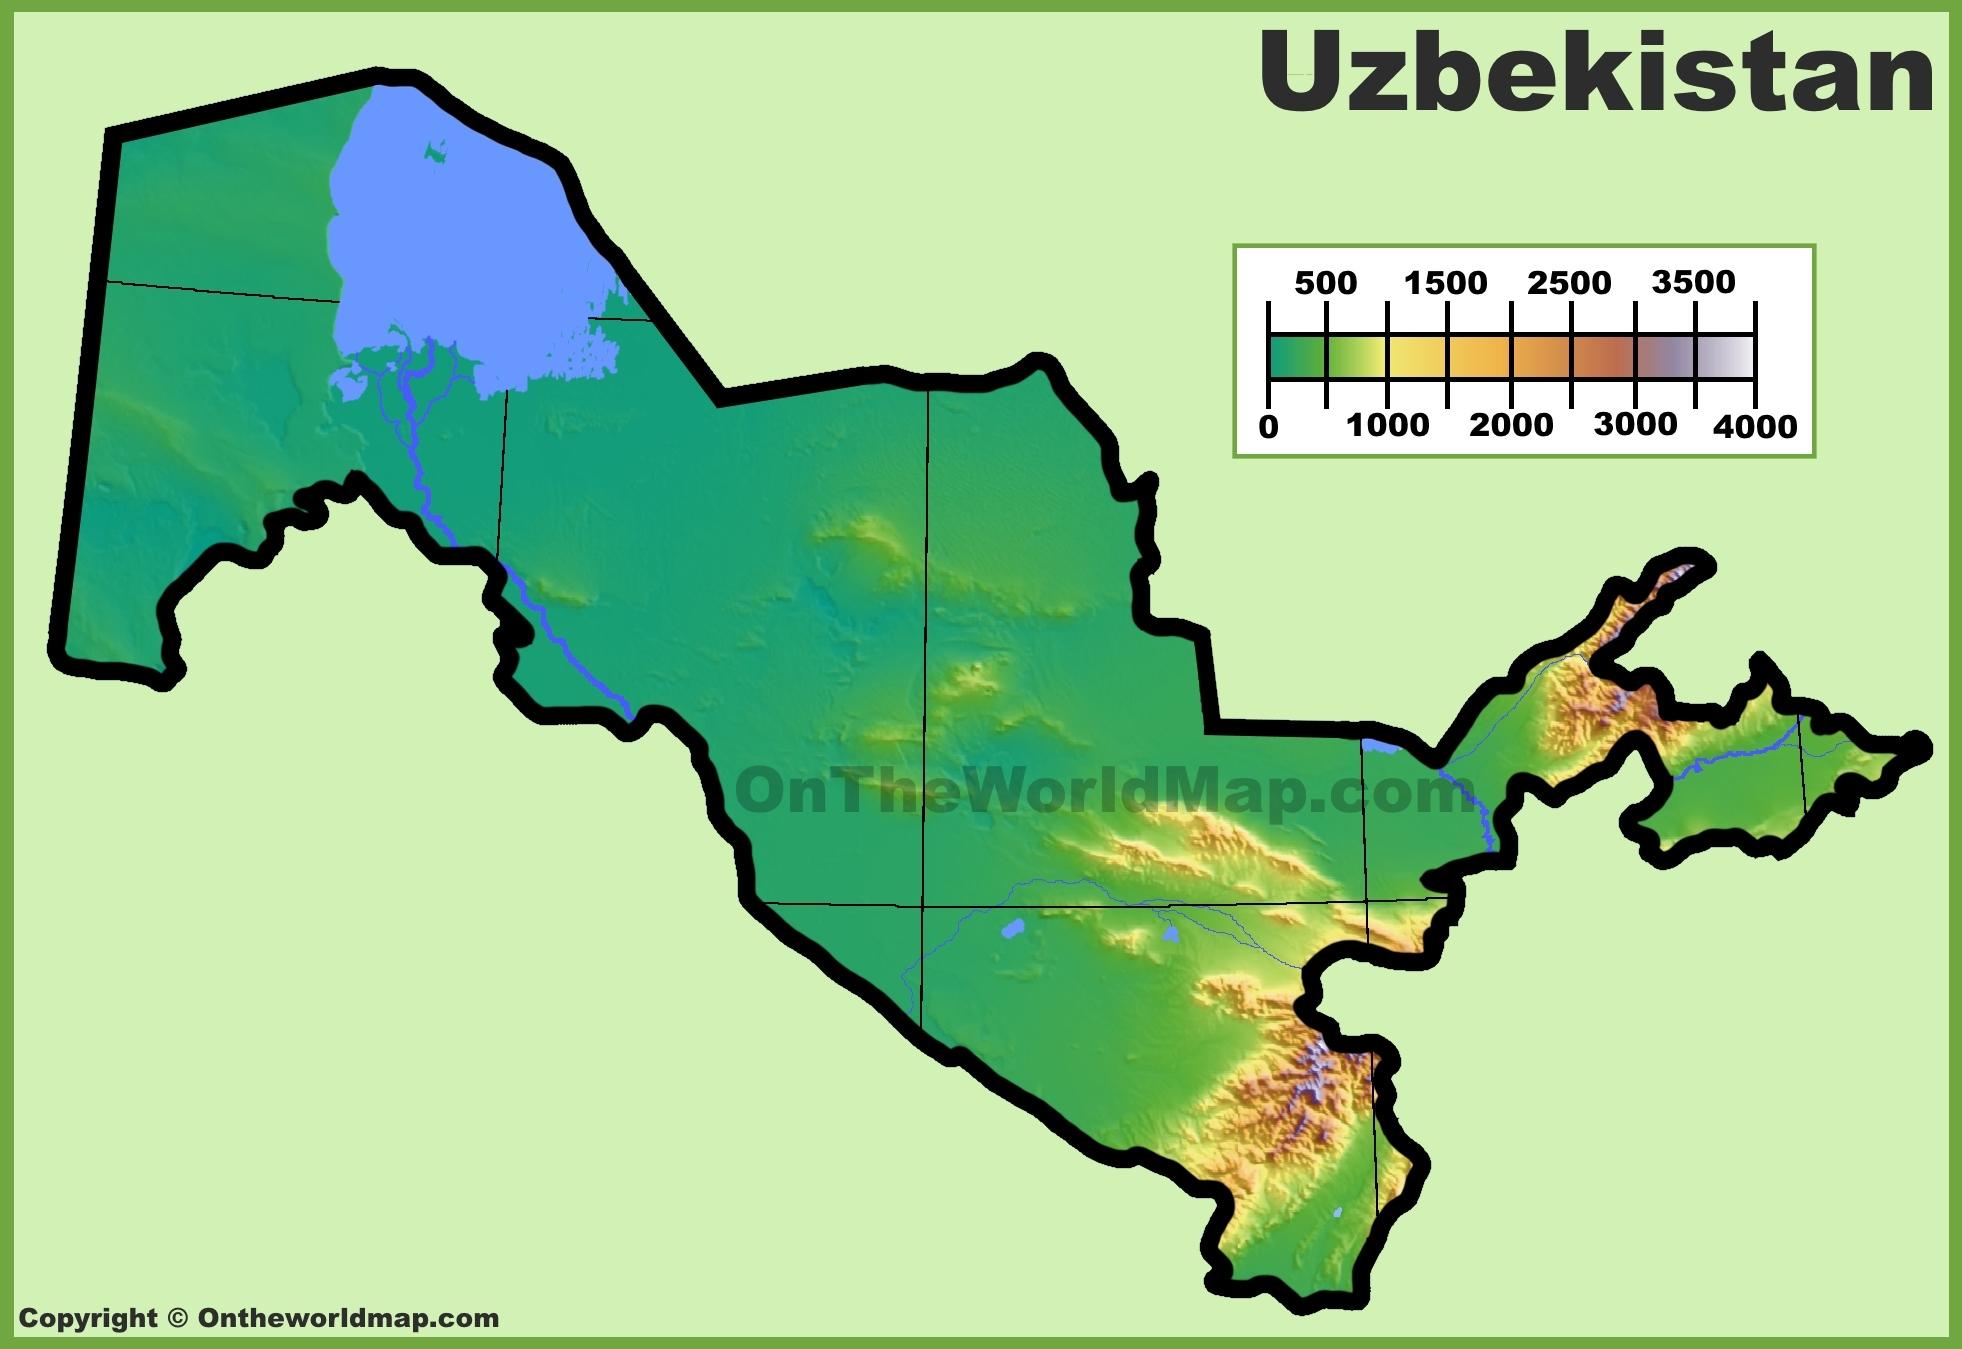 Uzbekistan Physical Map - Uzbekistan map